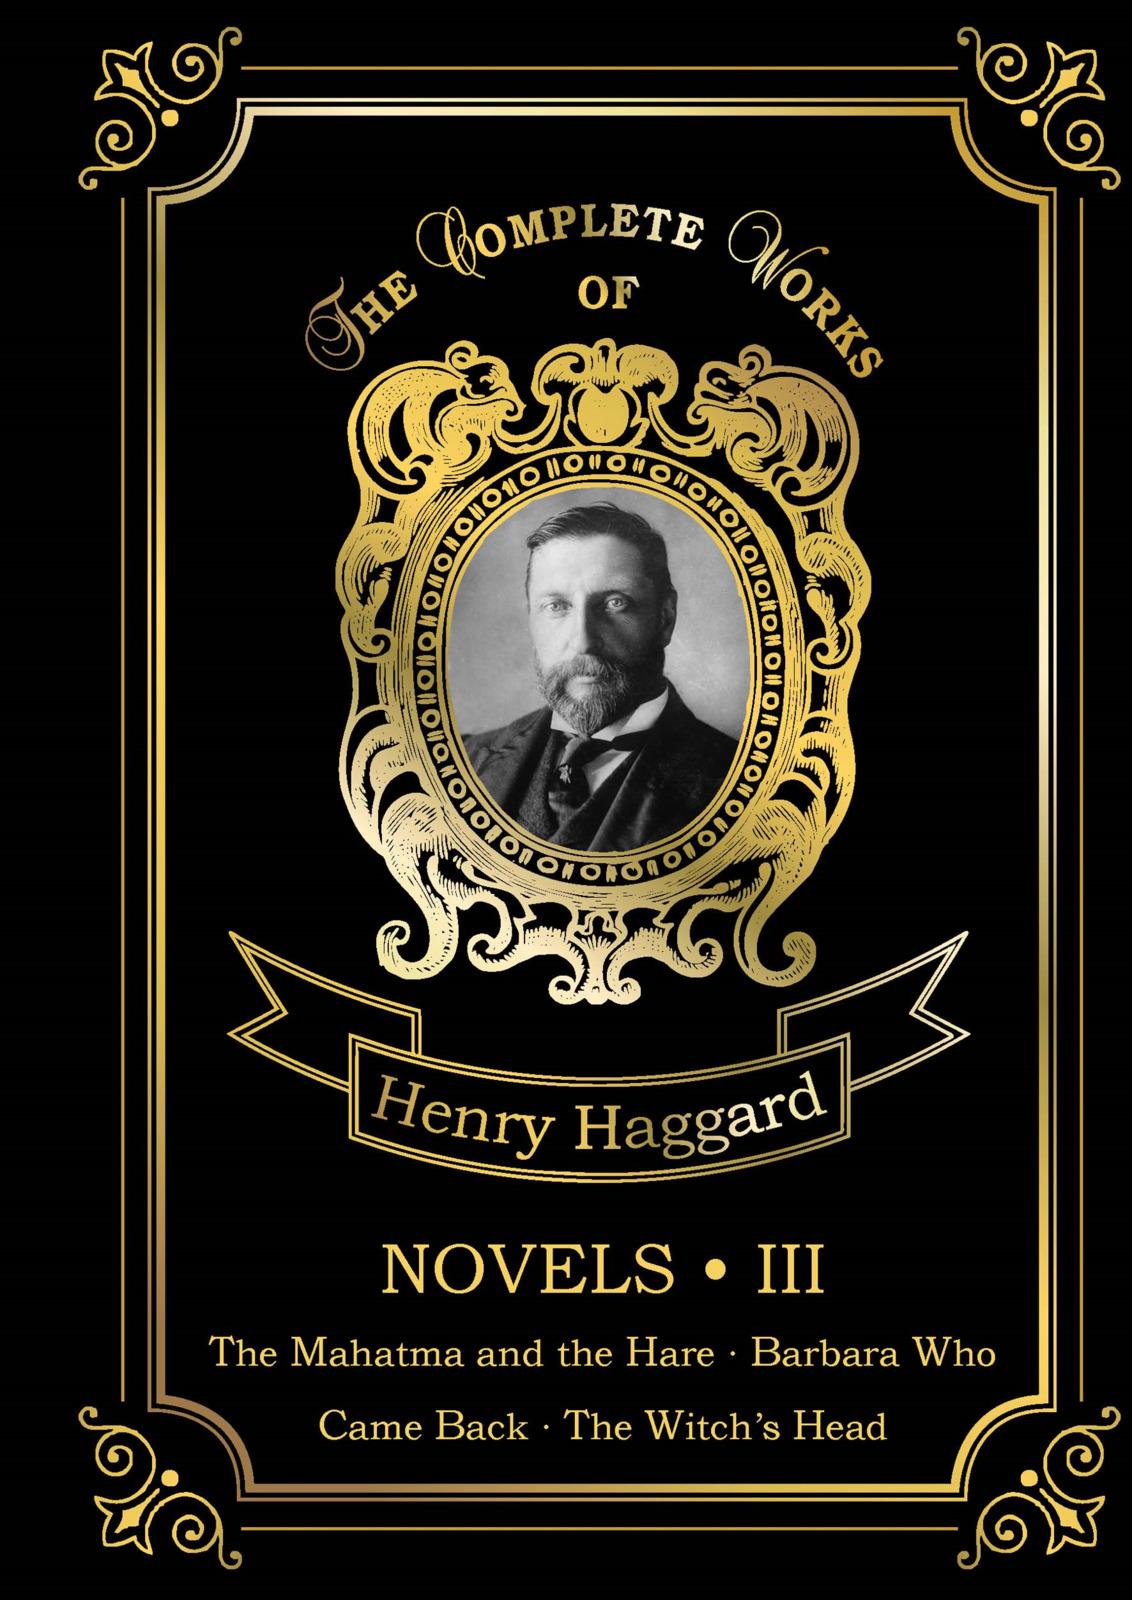 Henry Haggard Novels III haggard h r barbara who came back